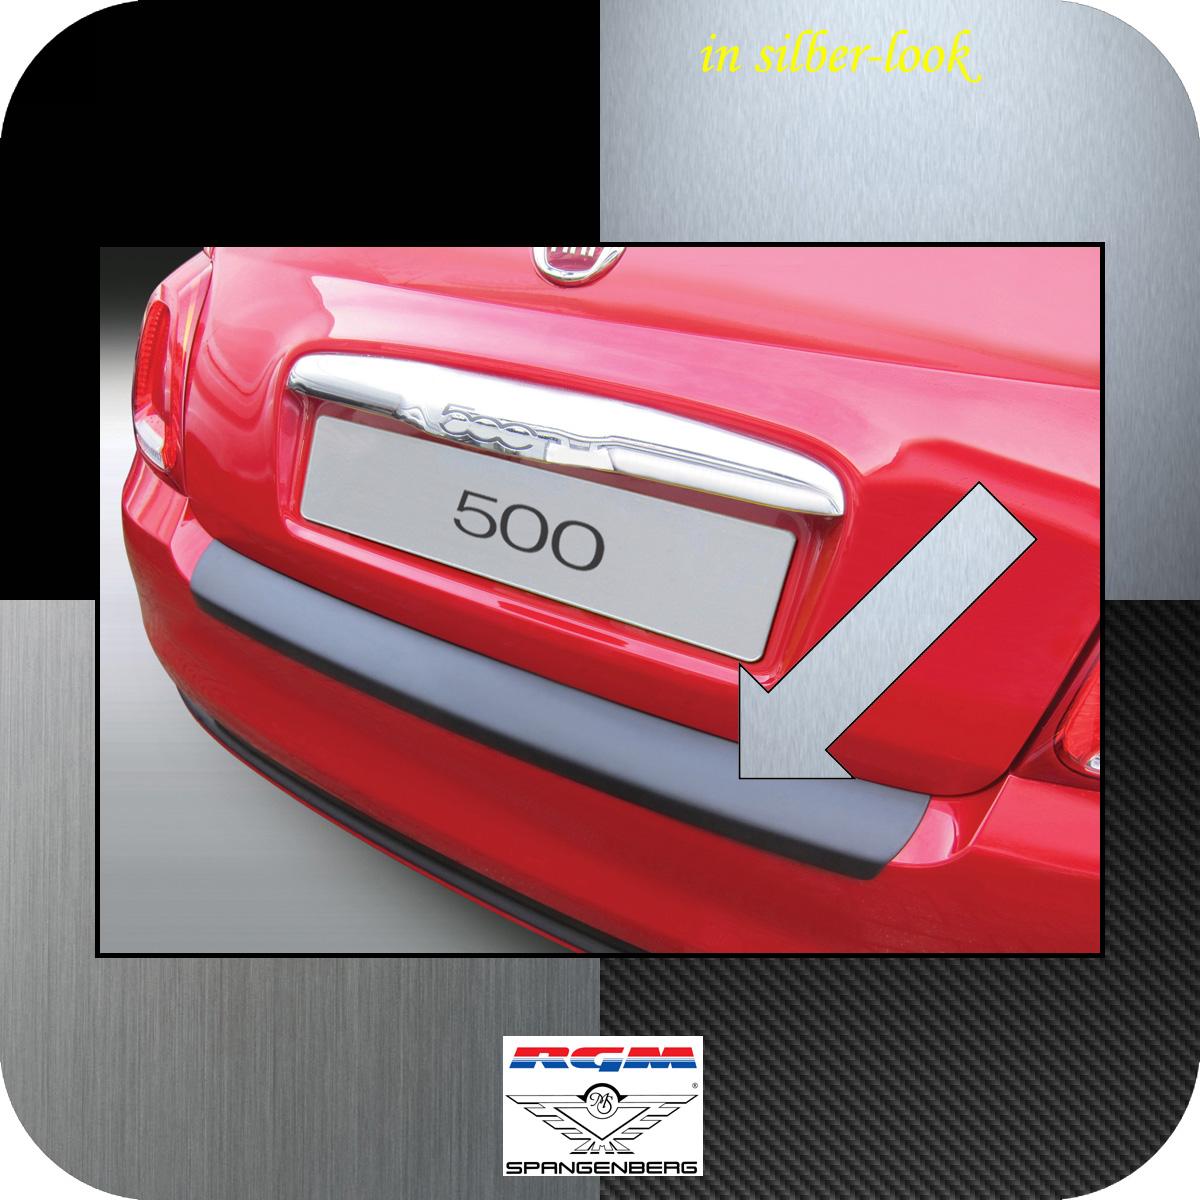 Ladekantenschutz Silber-Look Fiat 500 ab facelift Baujahr 2015- 3506914